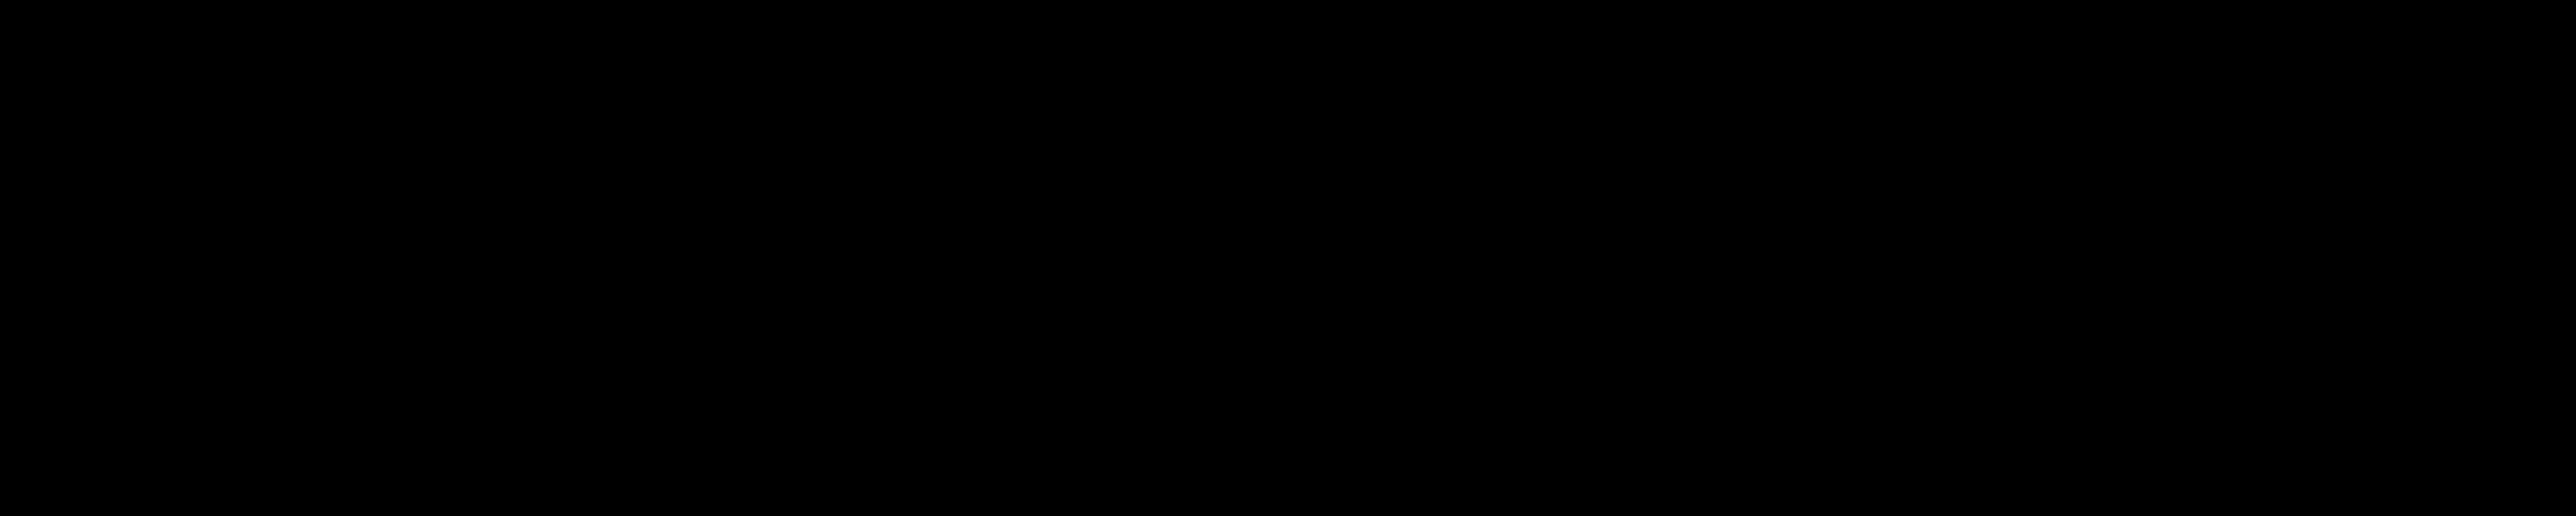 Rackspace_Wordmark_Black